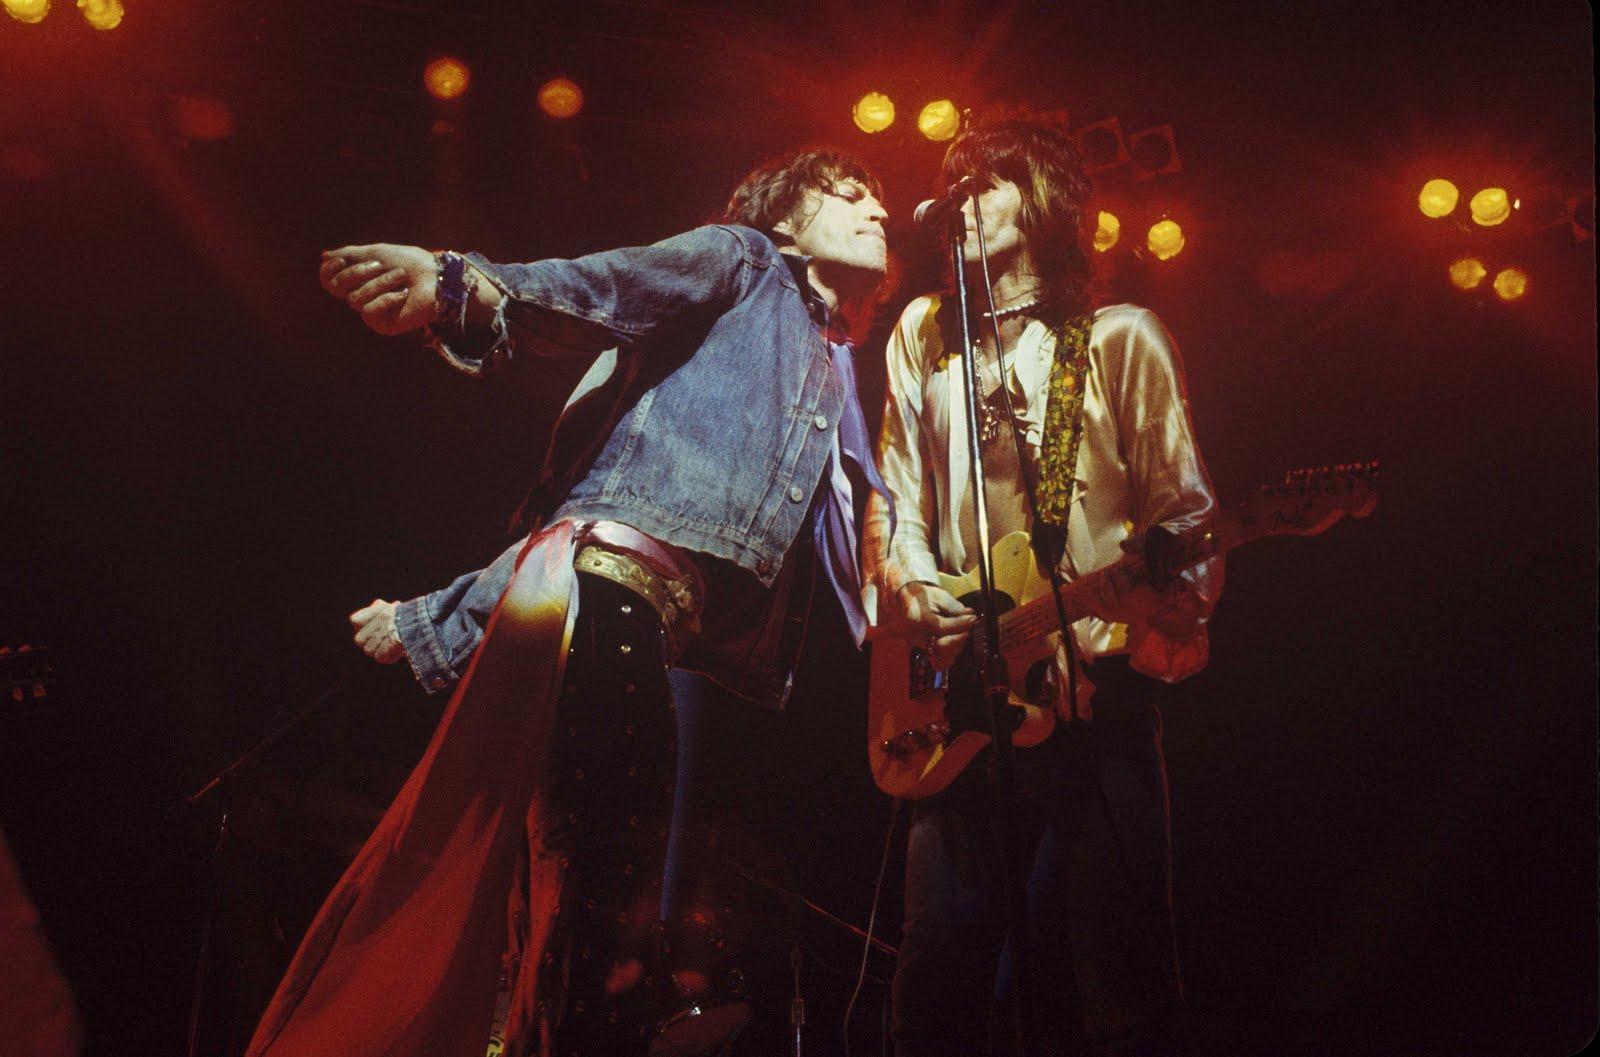 http://3.bp.blogspot.com/-rVxRjz2WQOg/T_8dD7kN9HI/AAAAAAAAPpg/fEnPO0nI6lA/s1600/mick-jagger-keith-richards-rolling-stones-1972.jpg